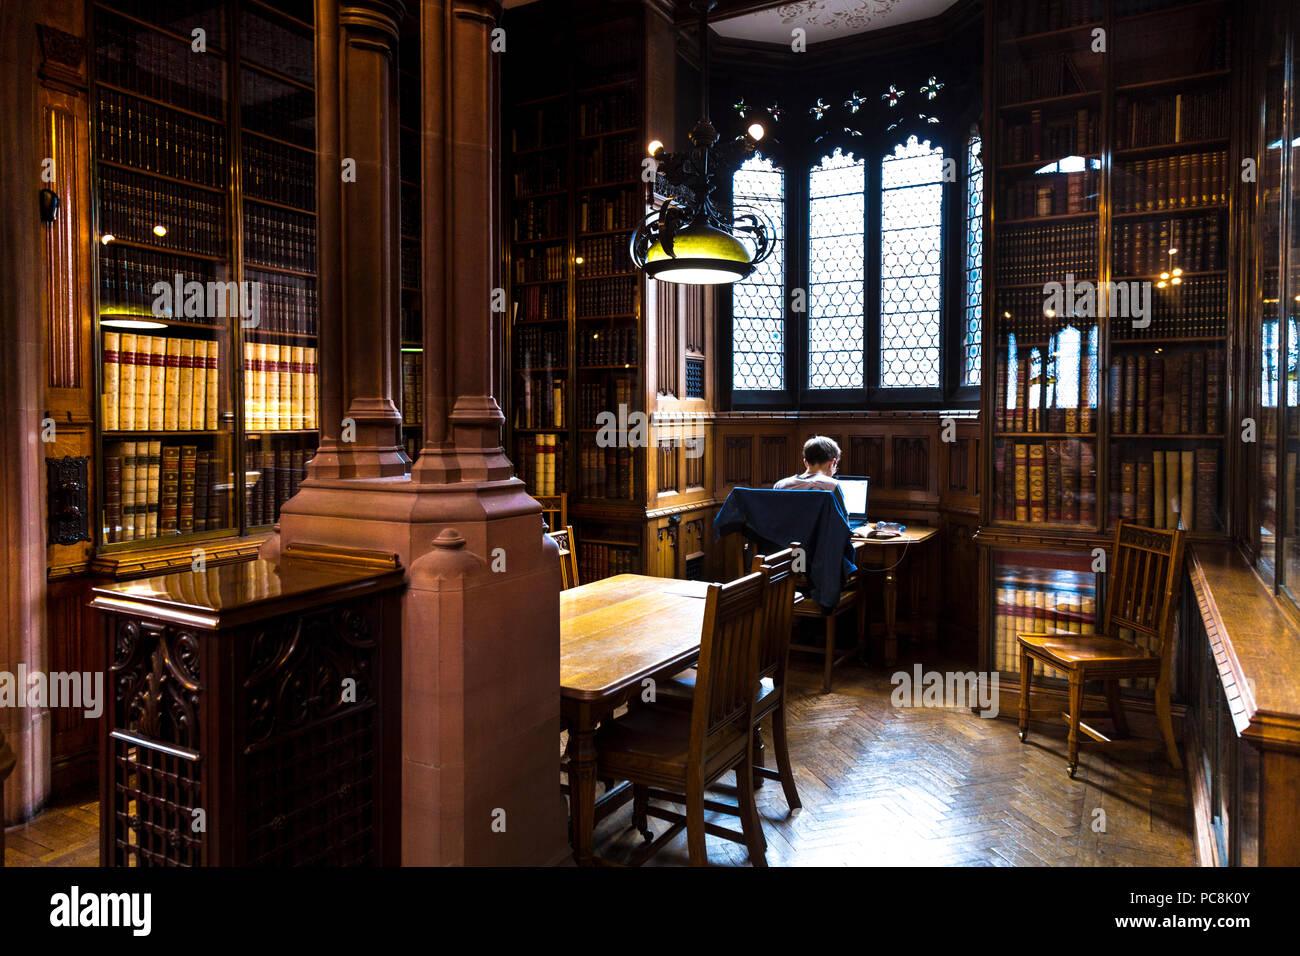 Mann sitzt mit einem Laptop an eine alte Bibliothek recherchieren, studieren, Johny Rylands Library, Manchester, UK Stockbild